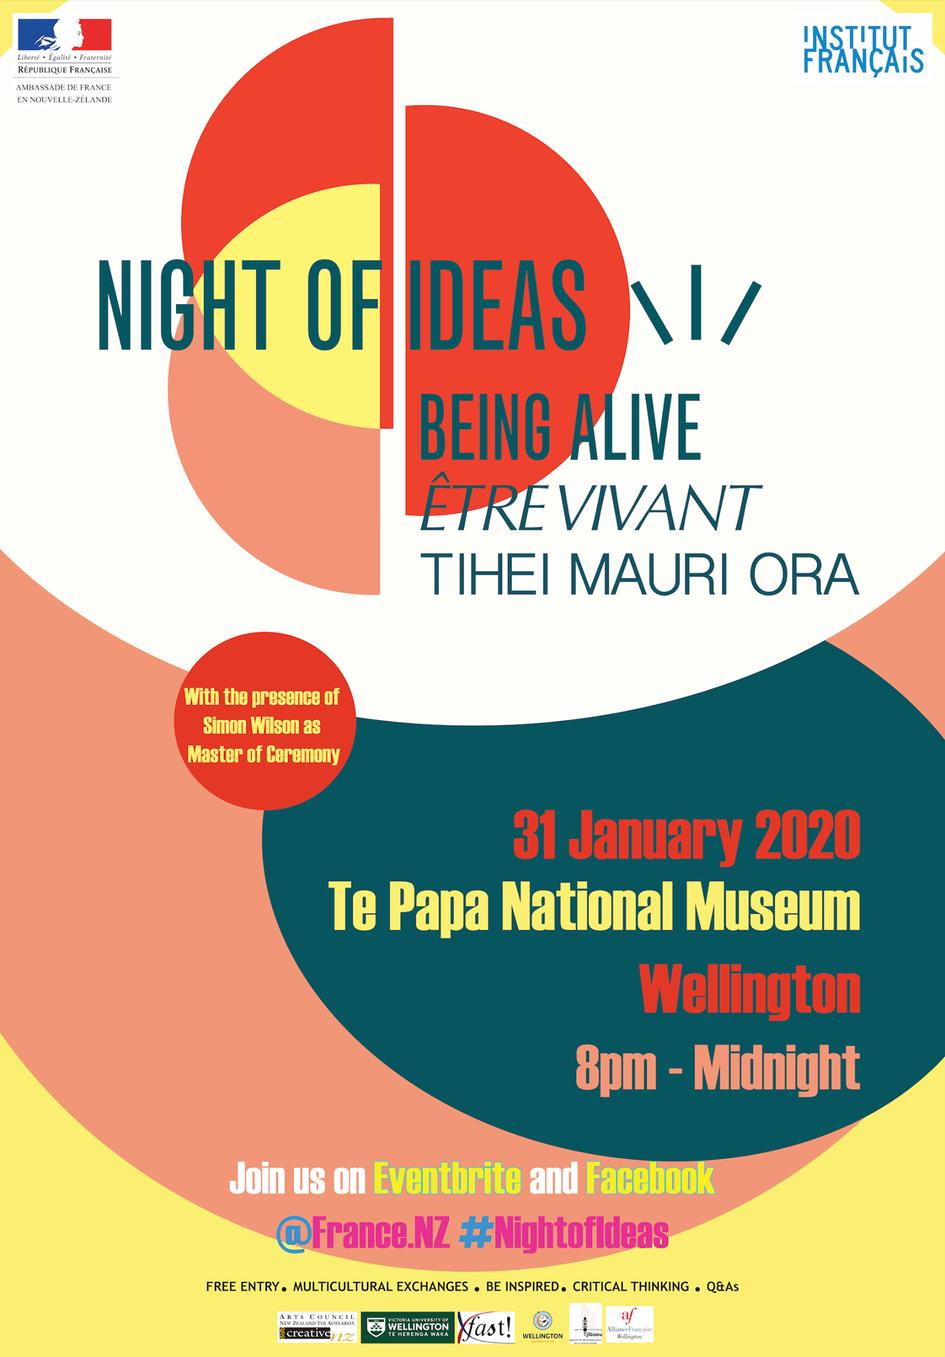 La Nuit des Idées 2020 en Nouvelle-Zélande aura lieu le 31 janvier à (...) - La France en ...